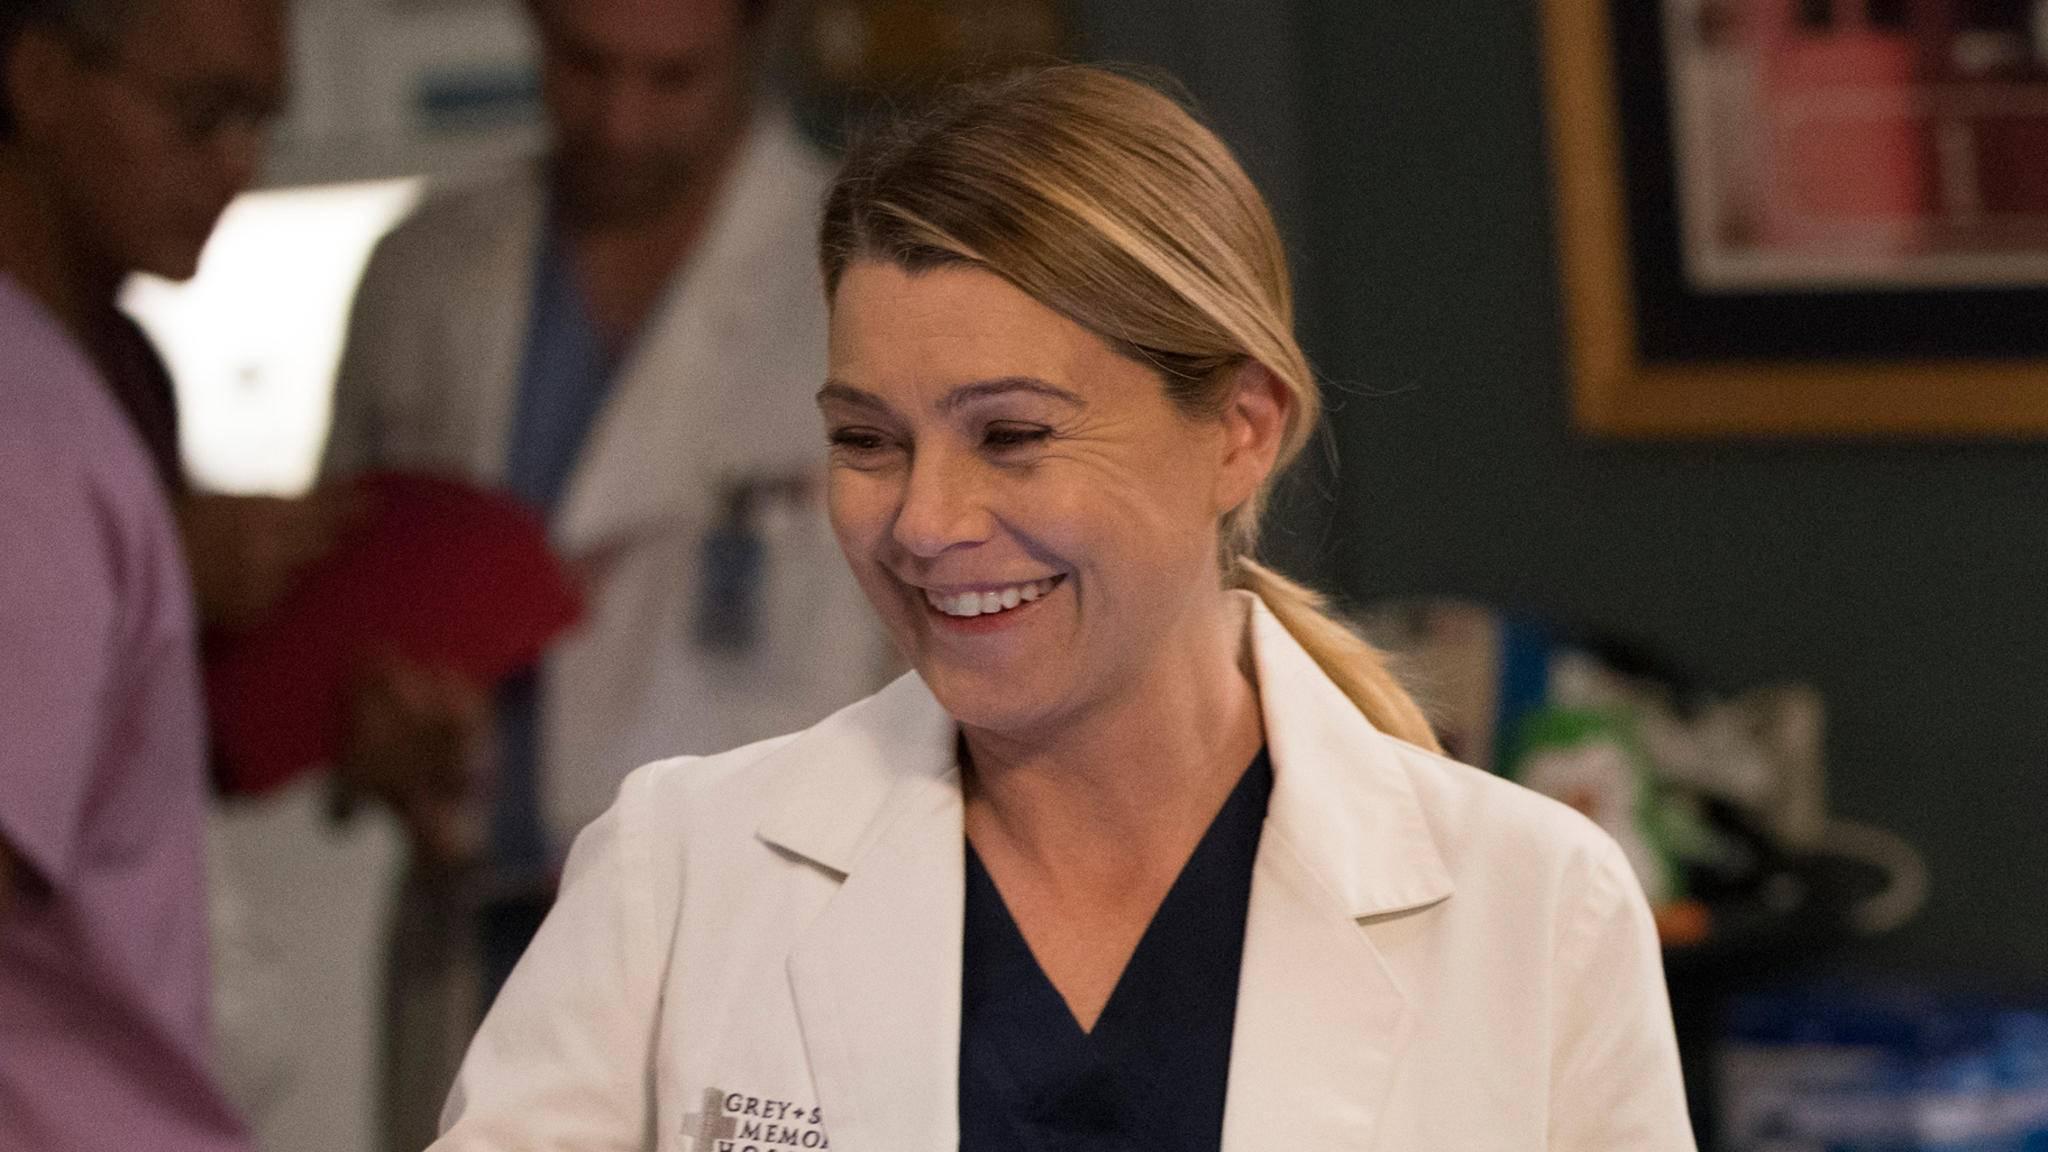 Da muss selbst Dr. Grey lachen: Die Handlung vieler Arztserien ist völlig an den Haaren herbeigezogen.